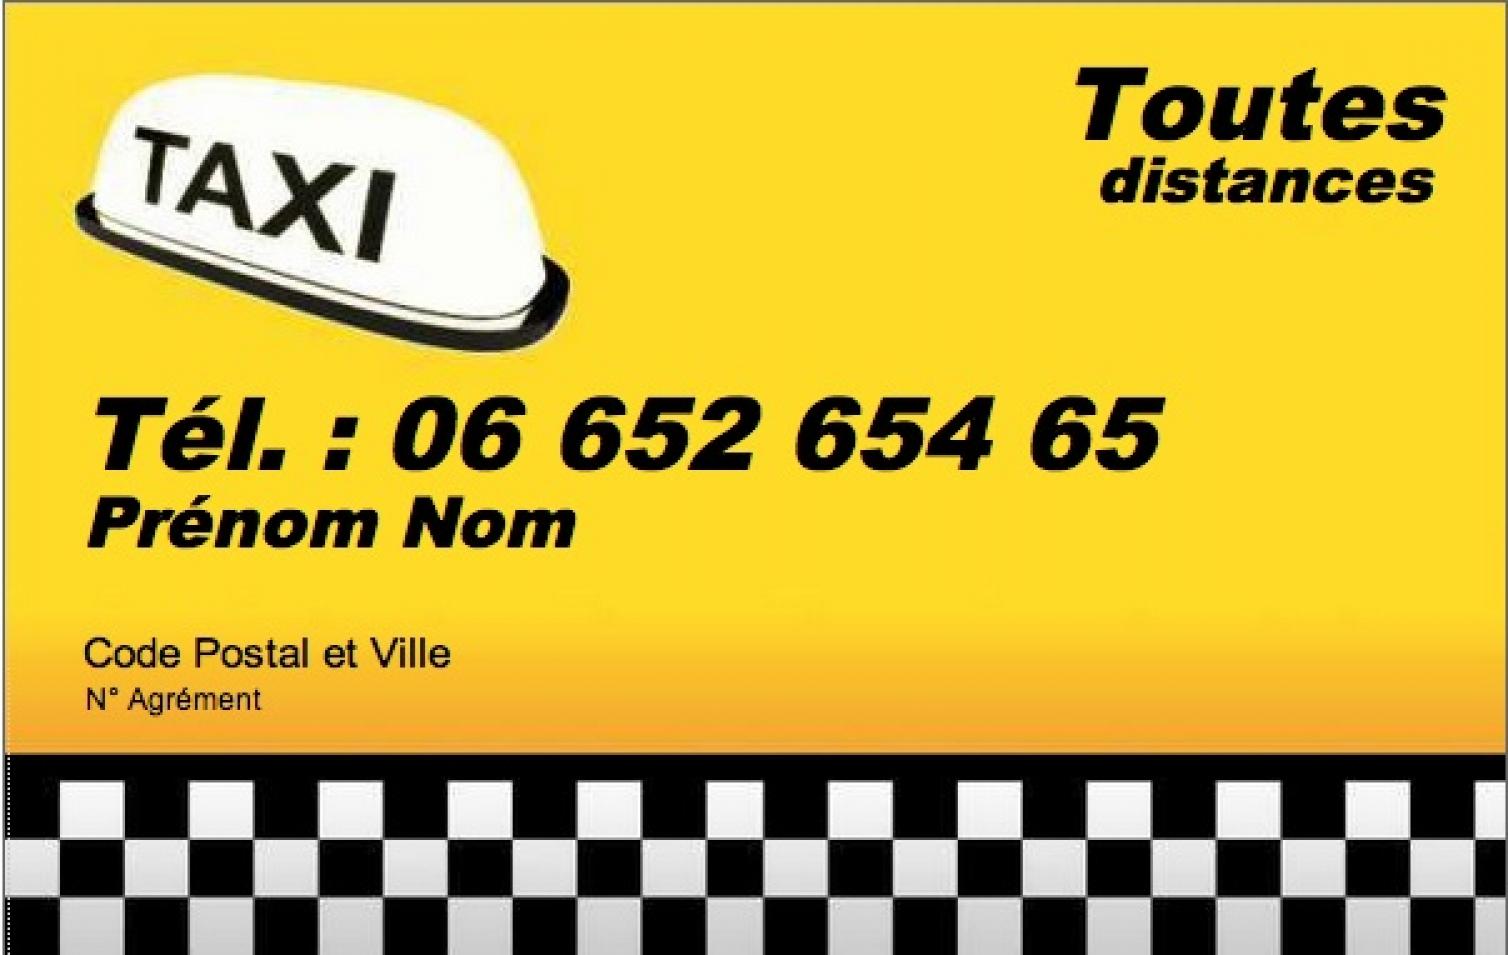 Taxi VSL Modele Carte De Visite Professionnelle Pas Cher Gratuit A Personnaliser Et Telecharger